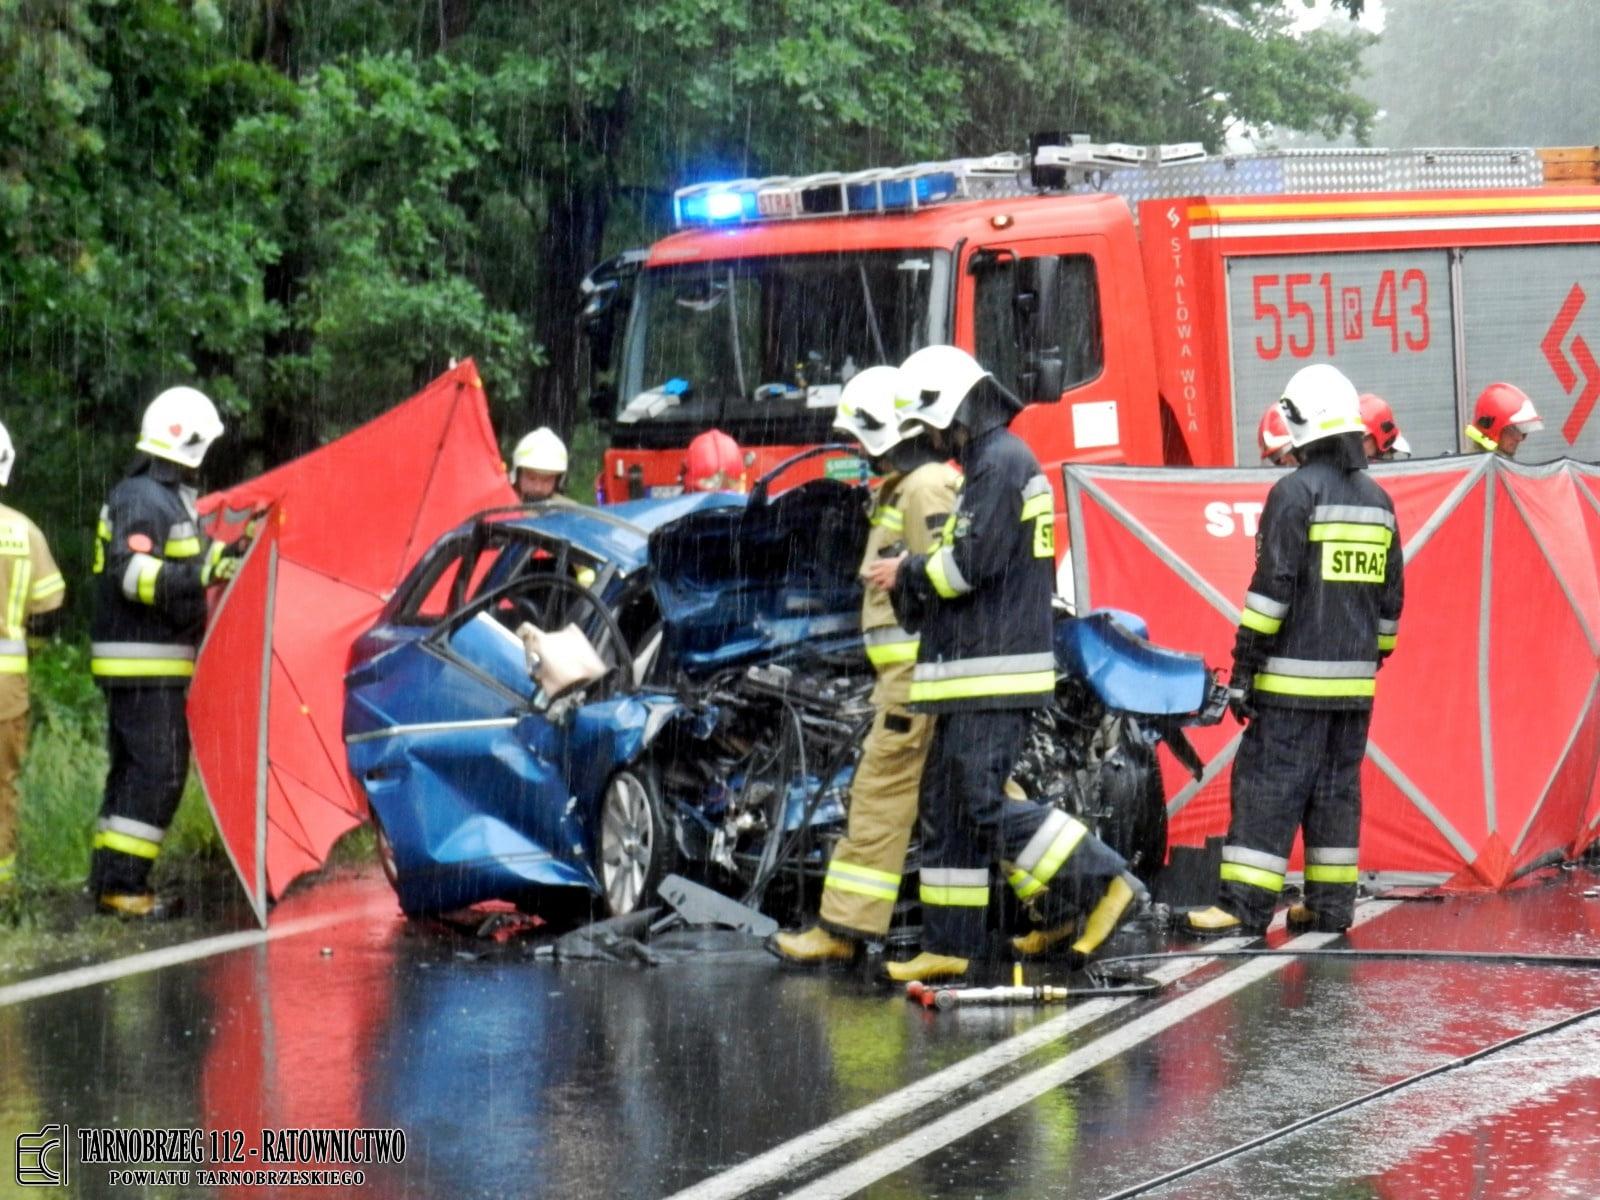 PILNE! Sprawca wypadku w Stalowej Woli aresztowany! - Zdjęcie główne